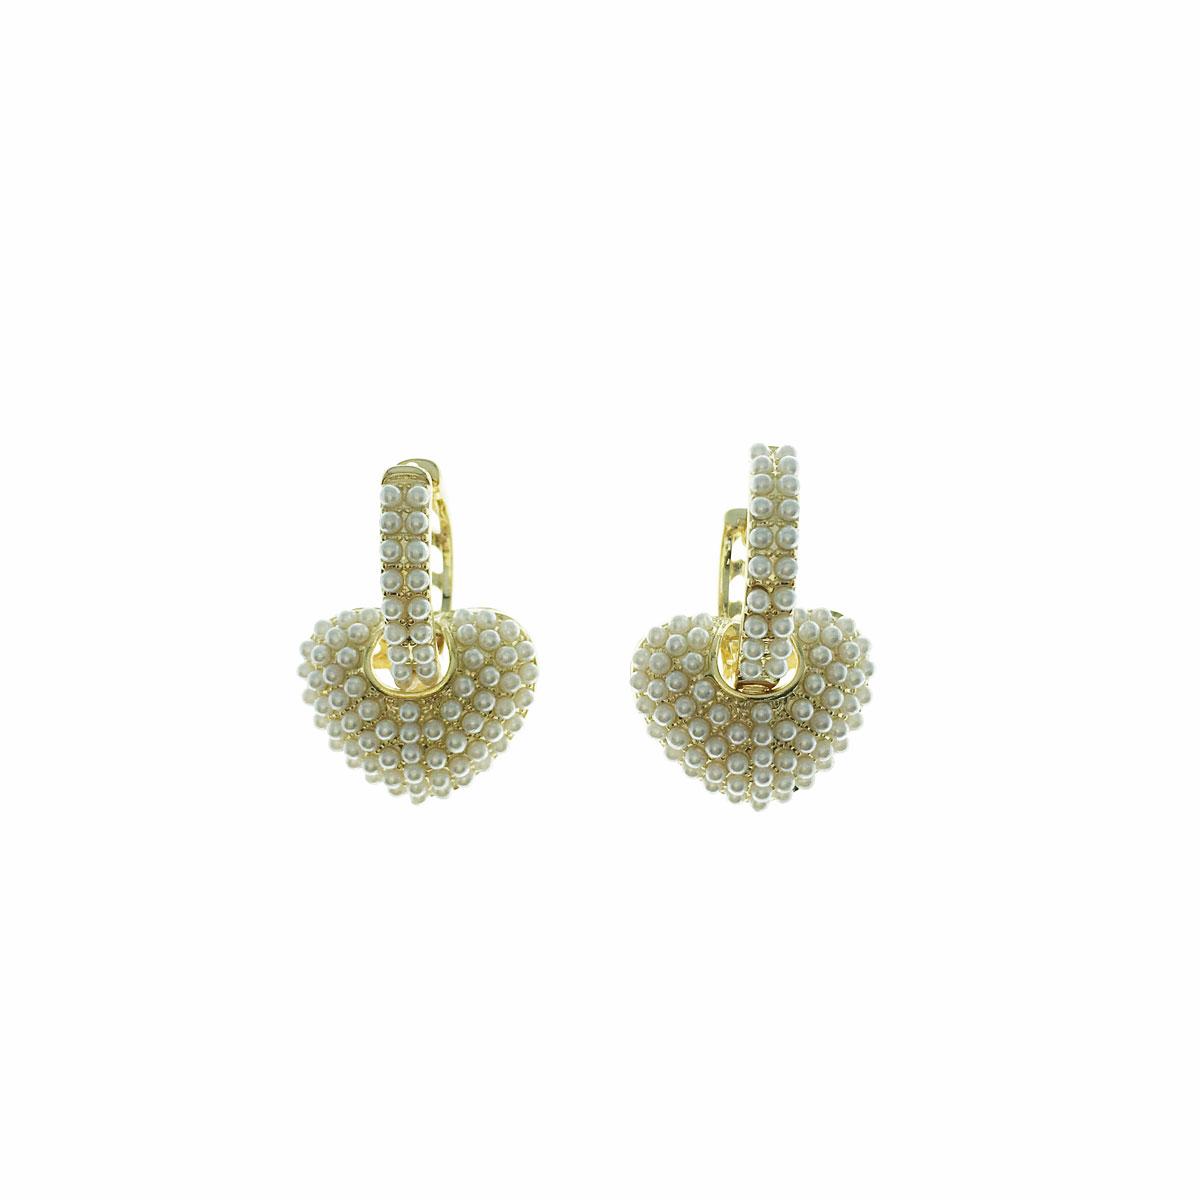 韓國 925純銀 珍珠 愛心 立體 垂墜感 耳針式 耳環